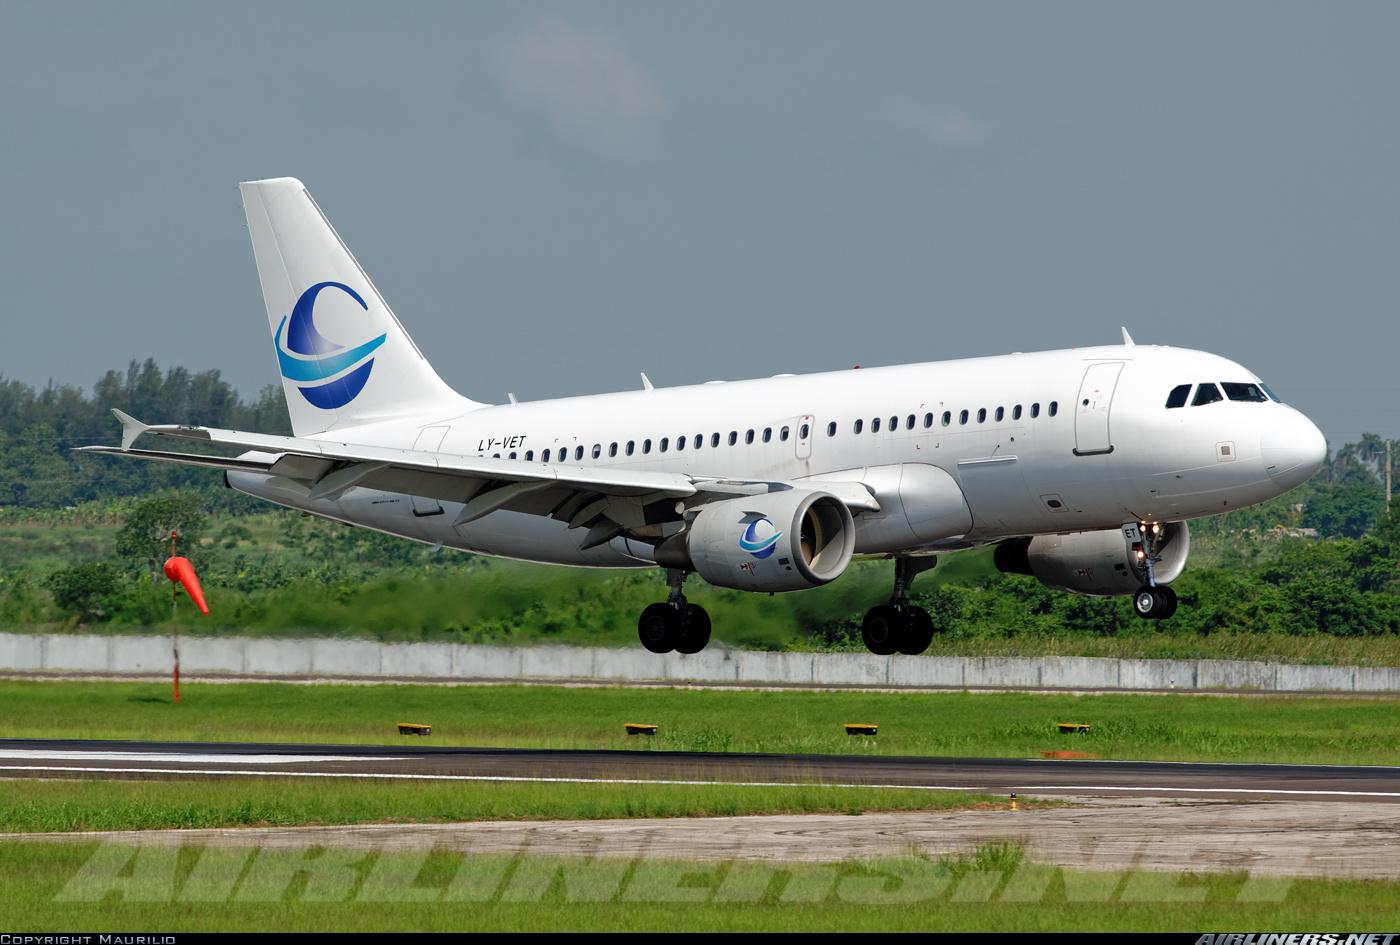 Гавана - Мехико - Гавана с Cubana de Aviacion, октябрь 2013